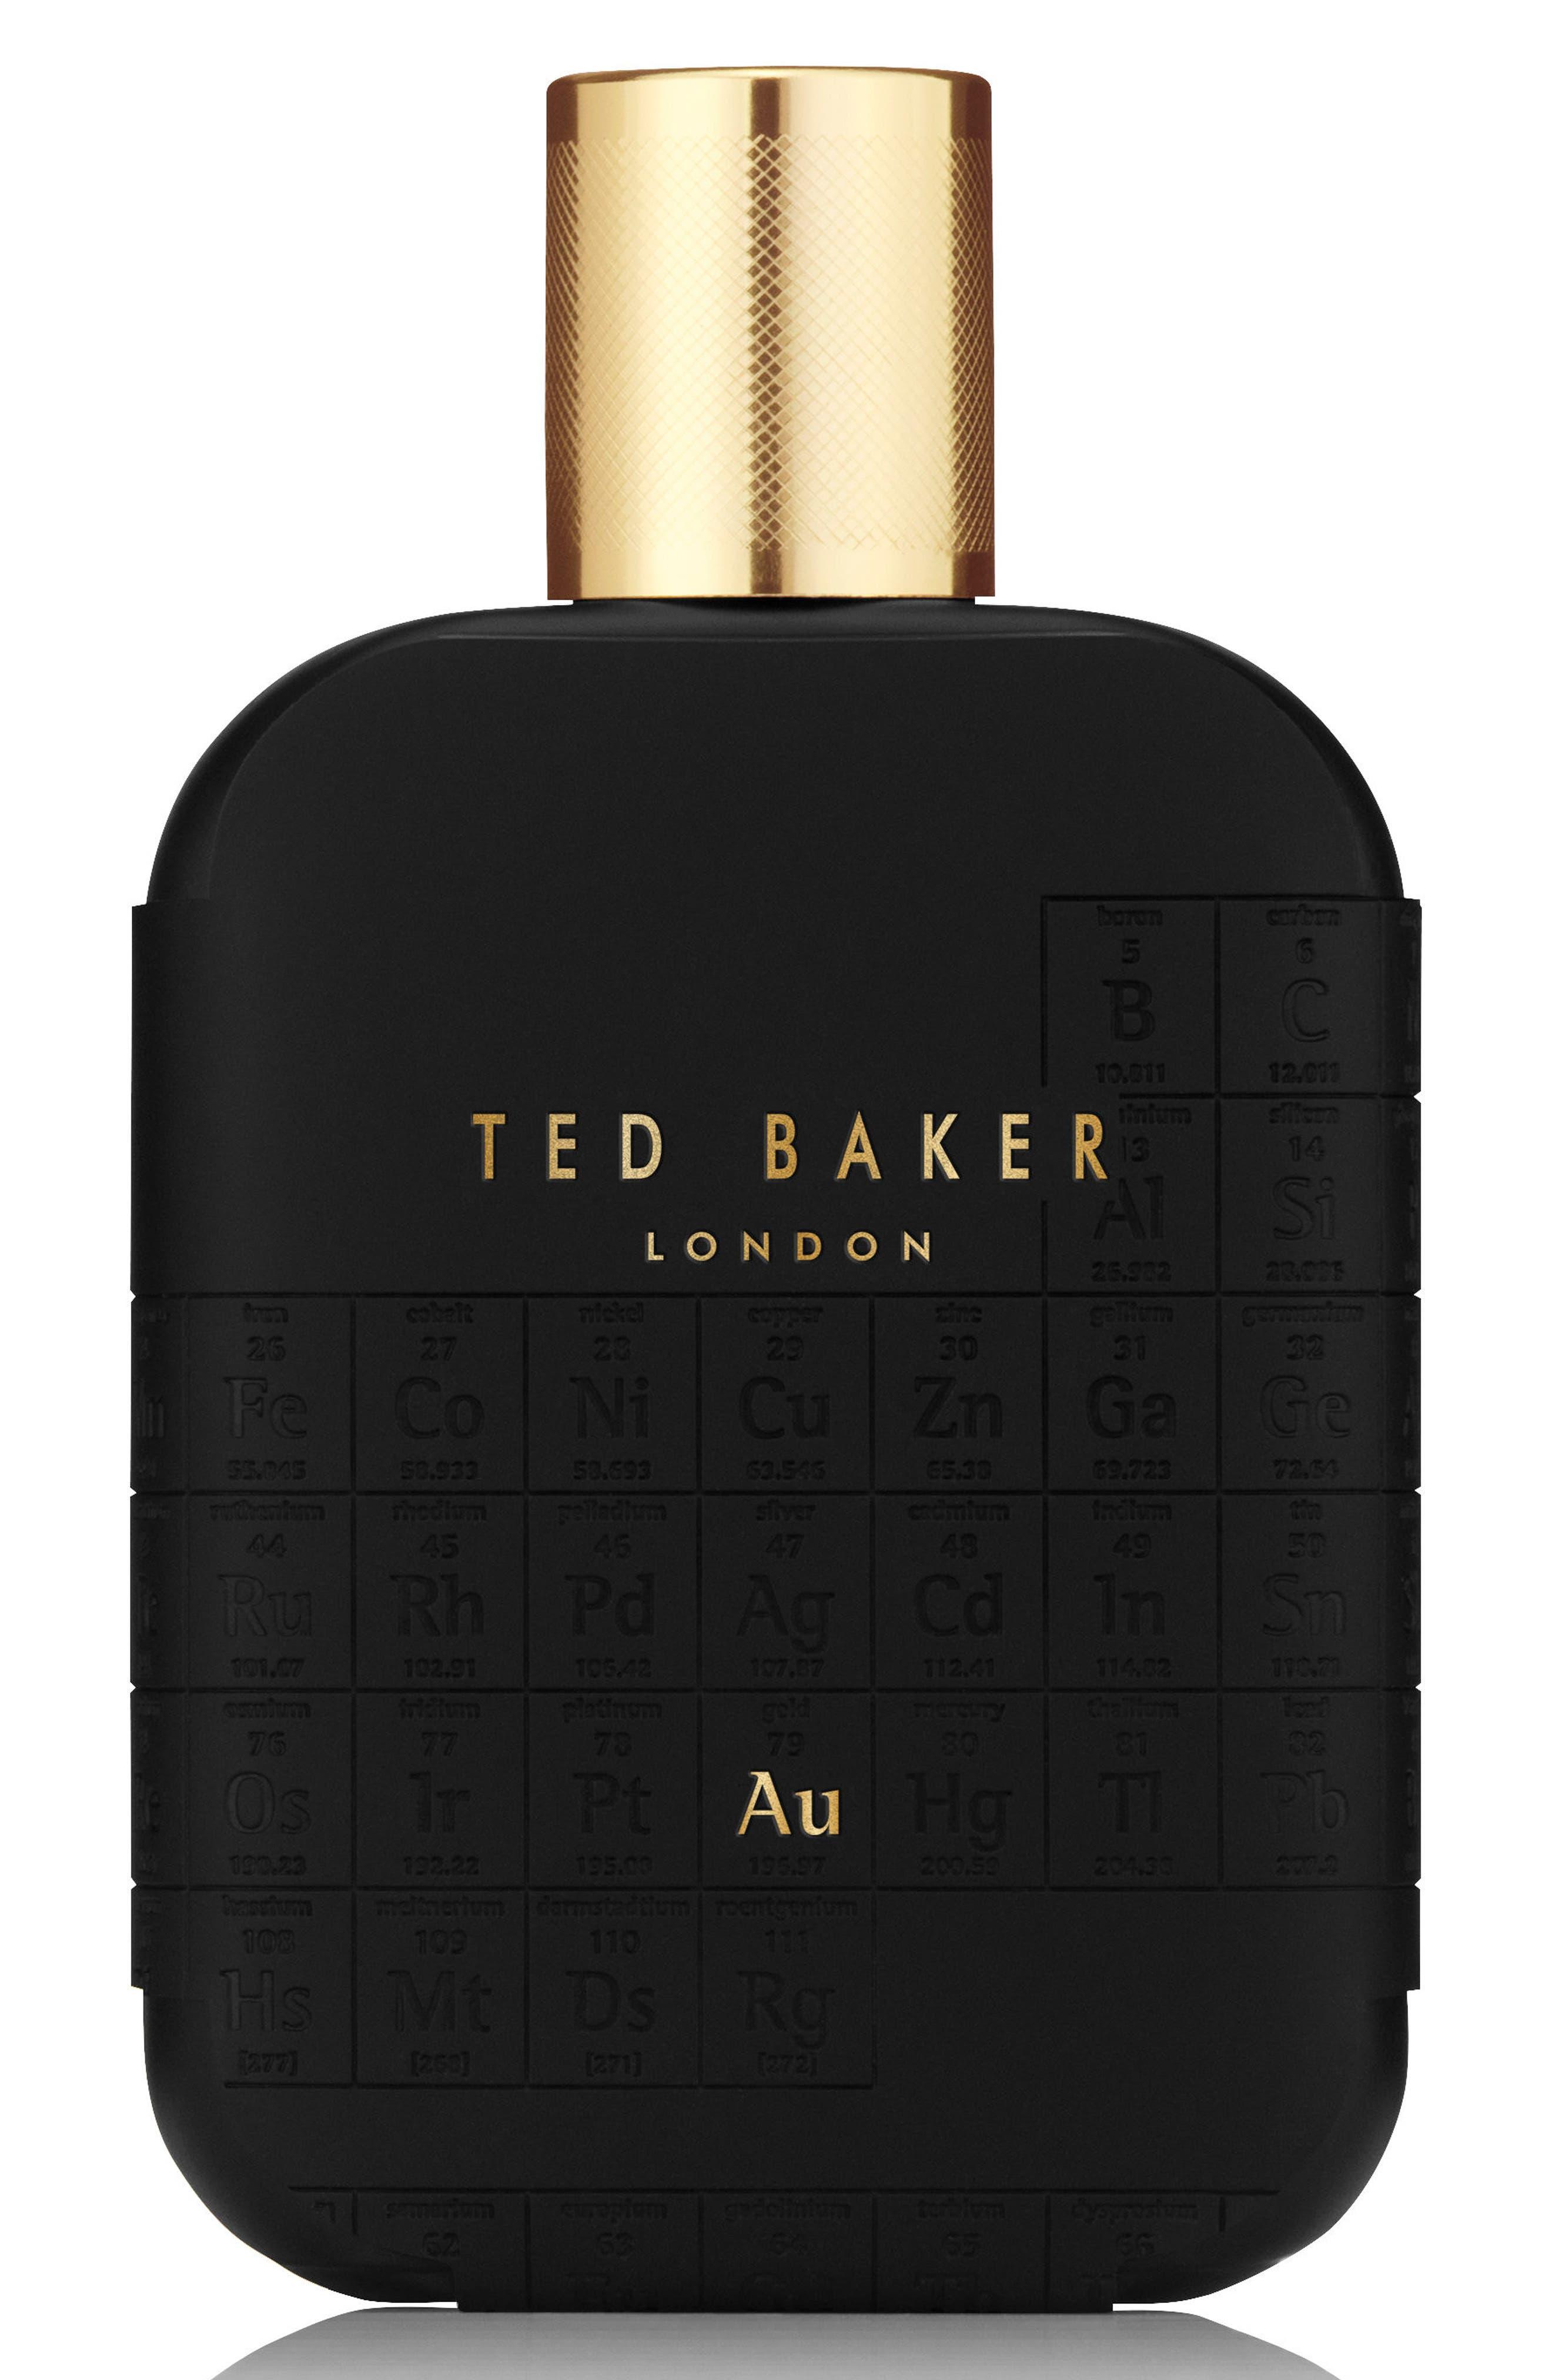 Ted Baker Tonic Au Eau de Toilette,                             Main thumbnail 1, color,                             NO COLOR